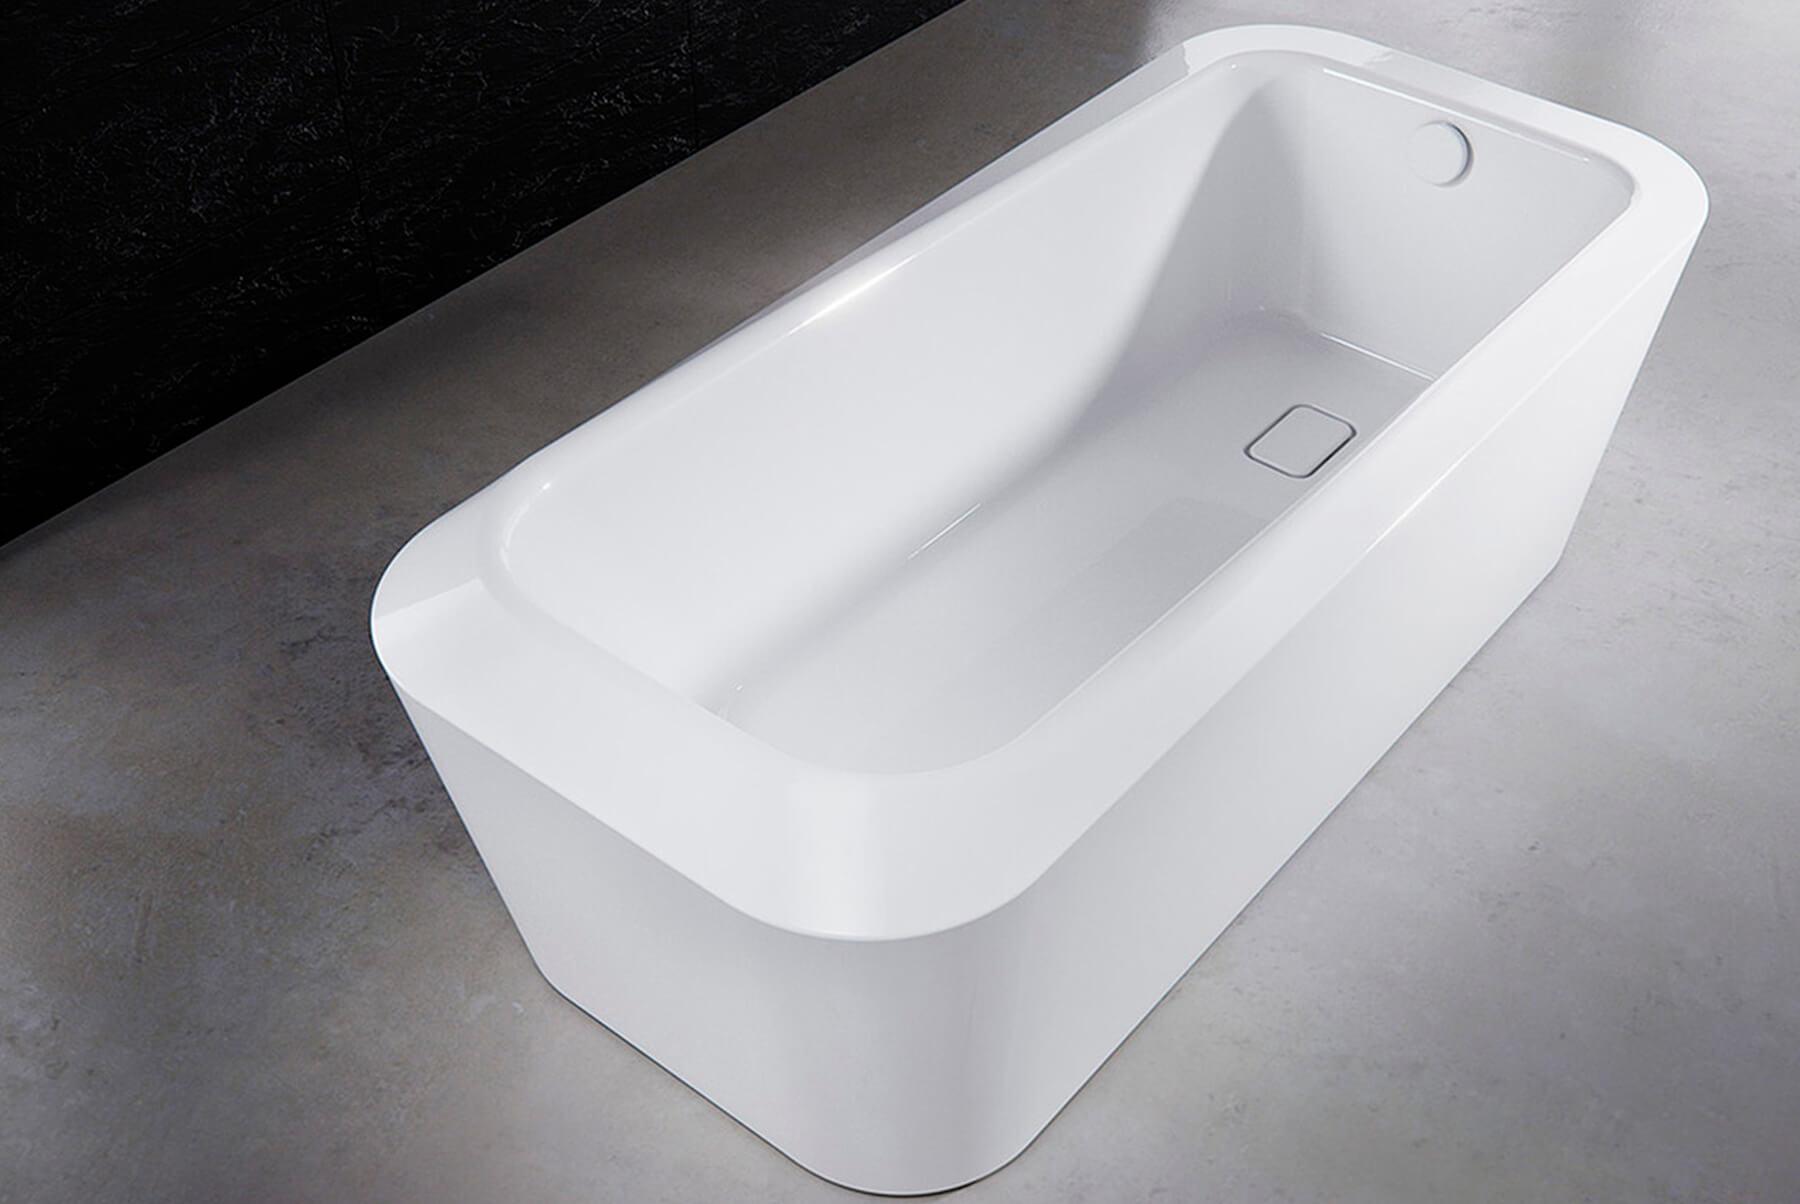 Bath-Tubs-Kaldewei-Emerso-4-1800x1204